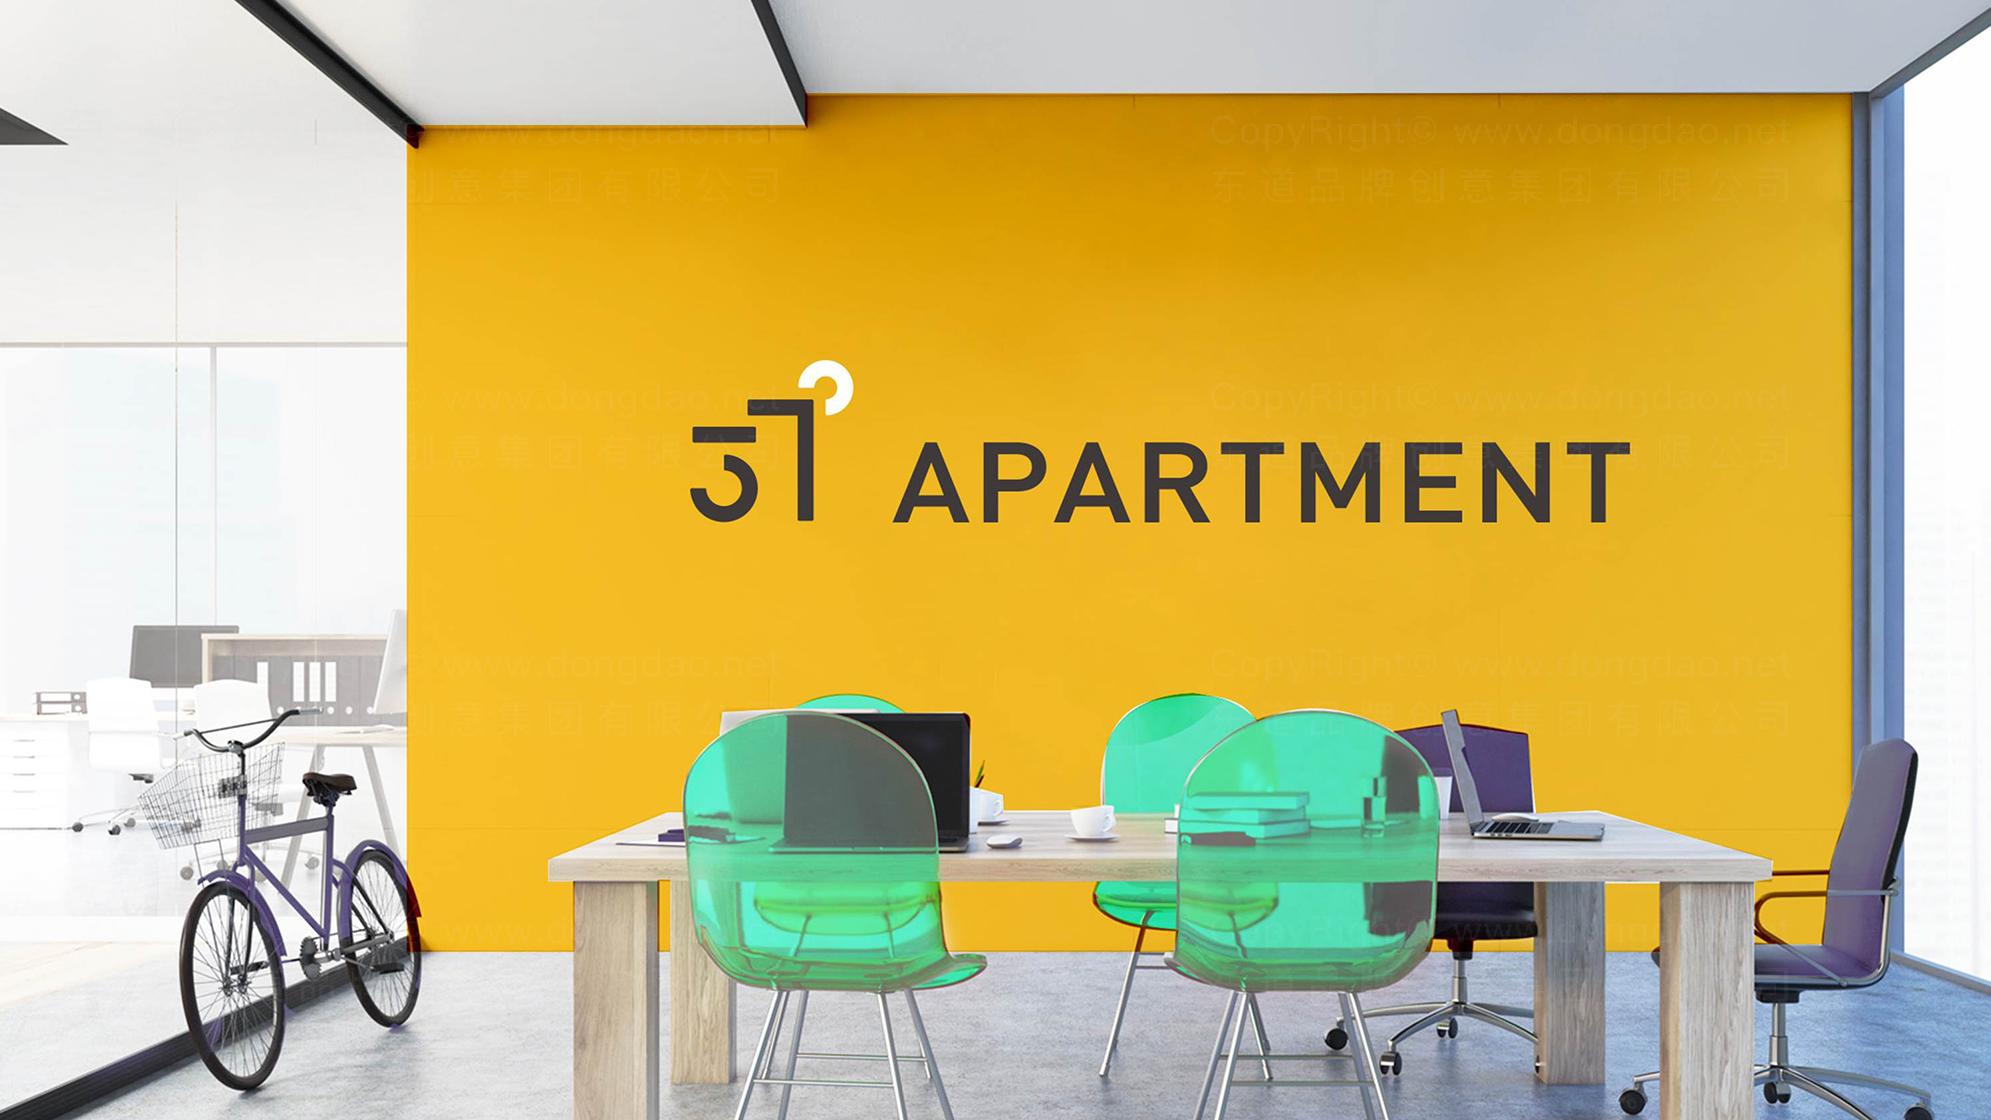 品牌设计37度公寓LOGO&VI设计应用场景_7